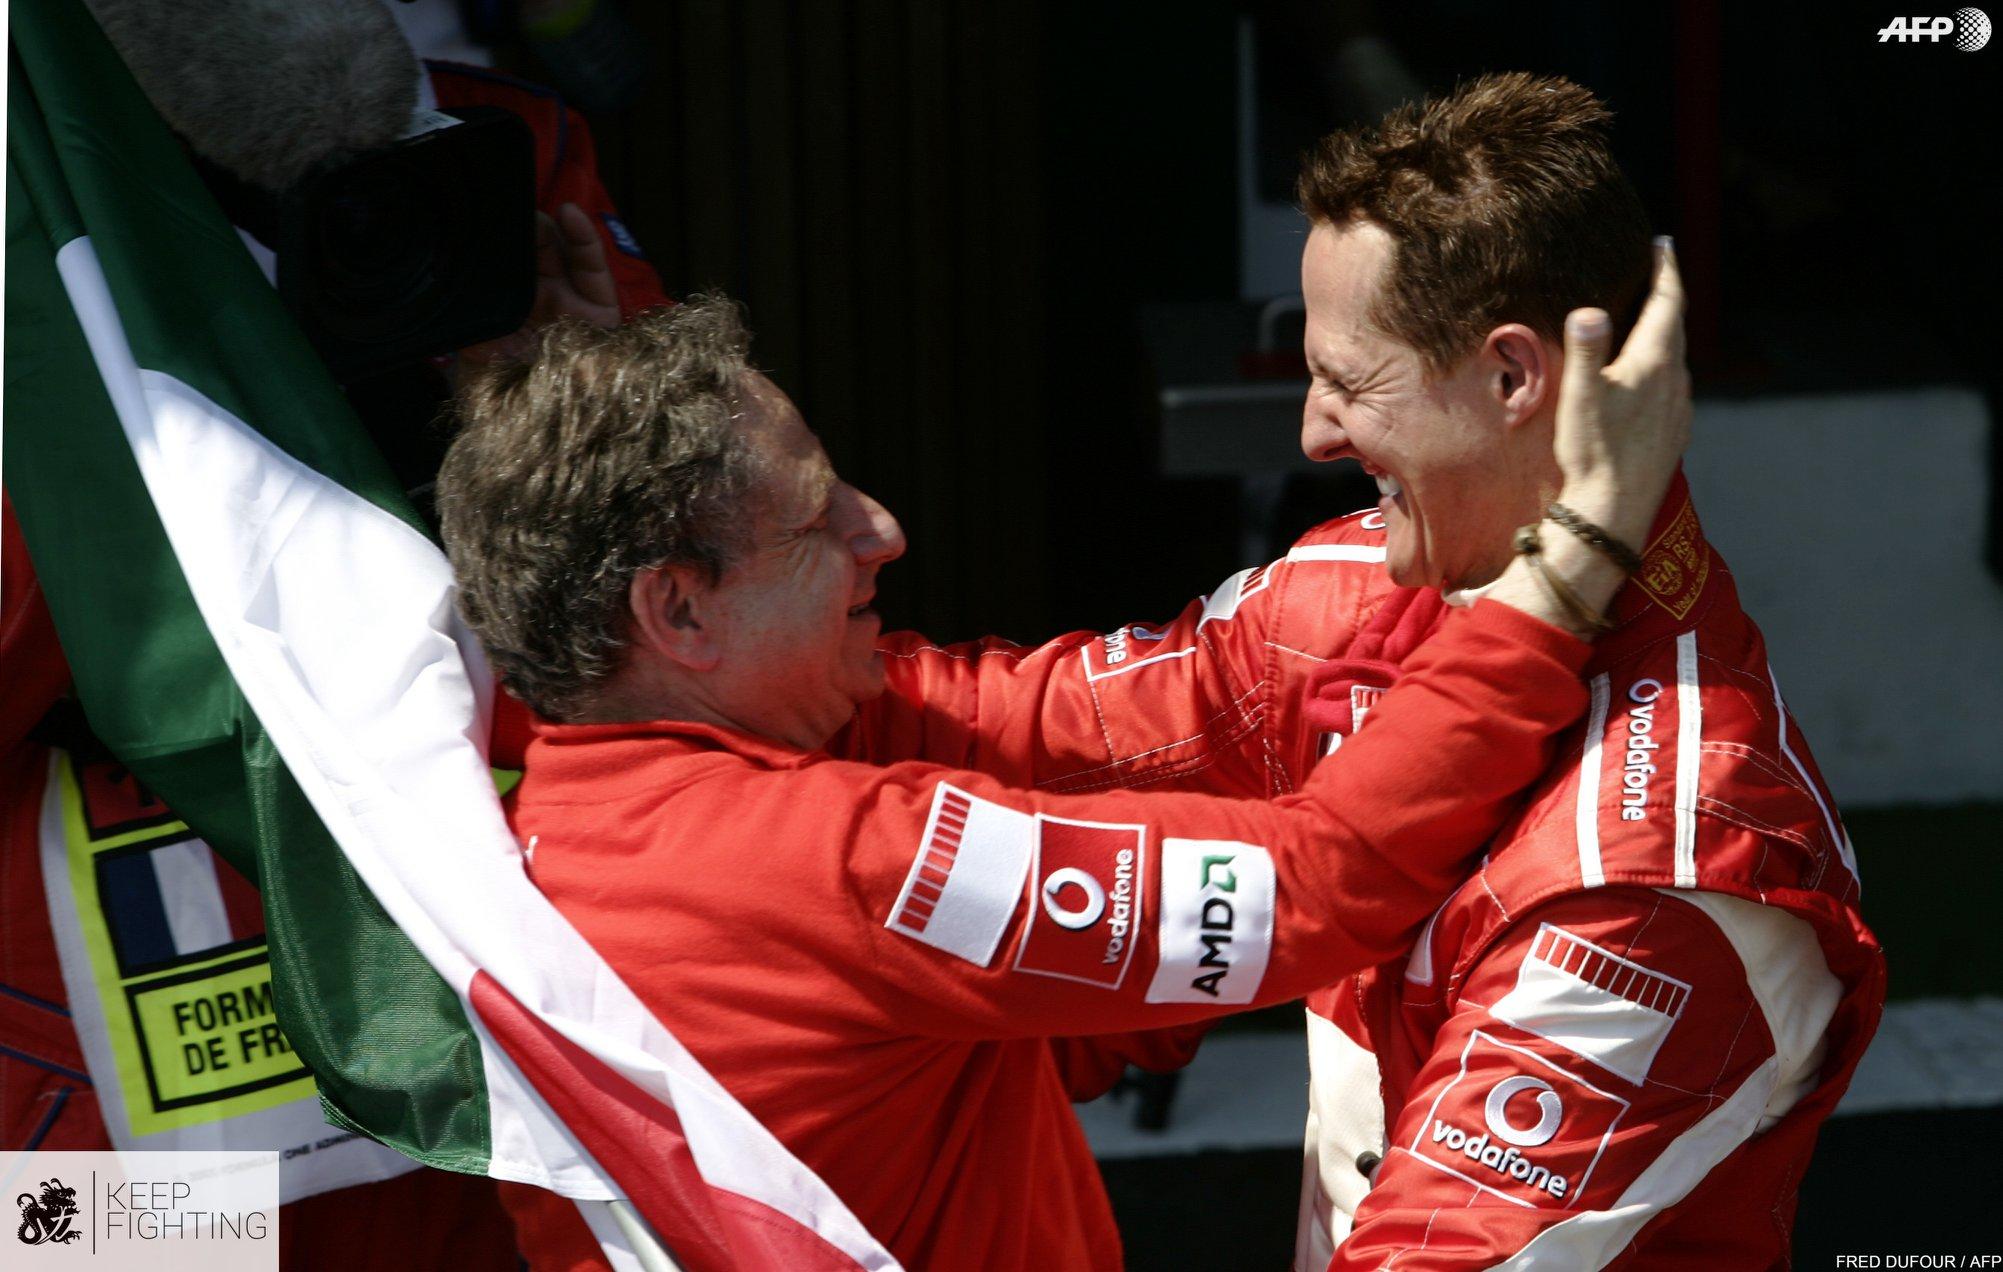 Las esperanzadoras palabras de Jean Todt sobre la salud de Michael Schumacher